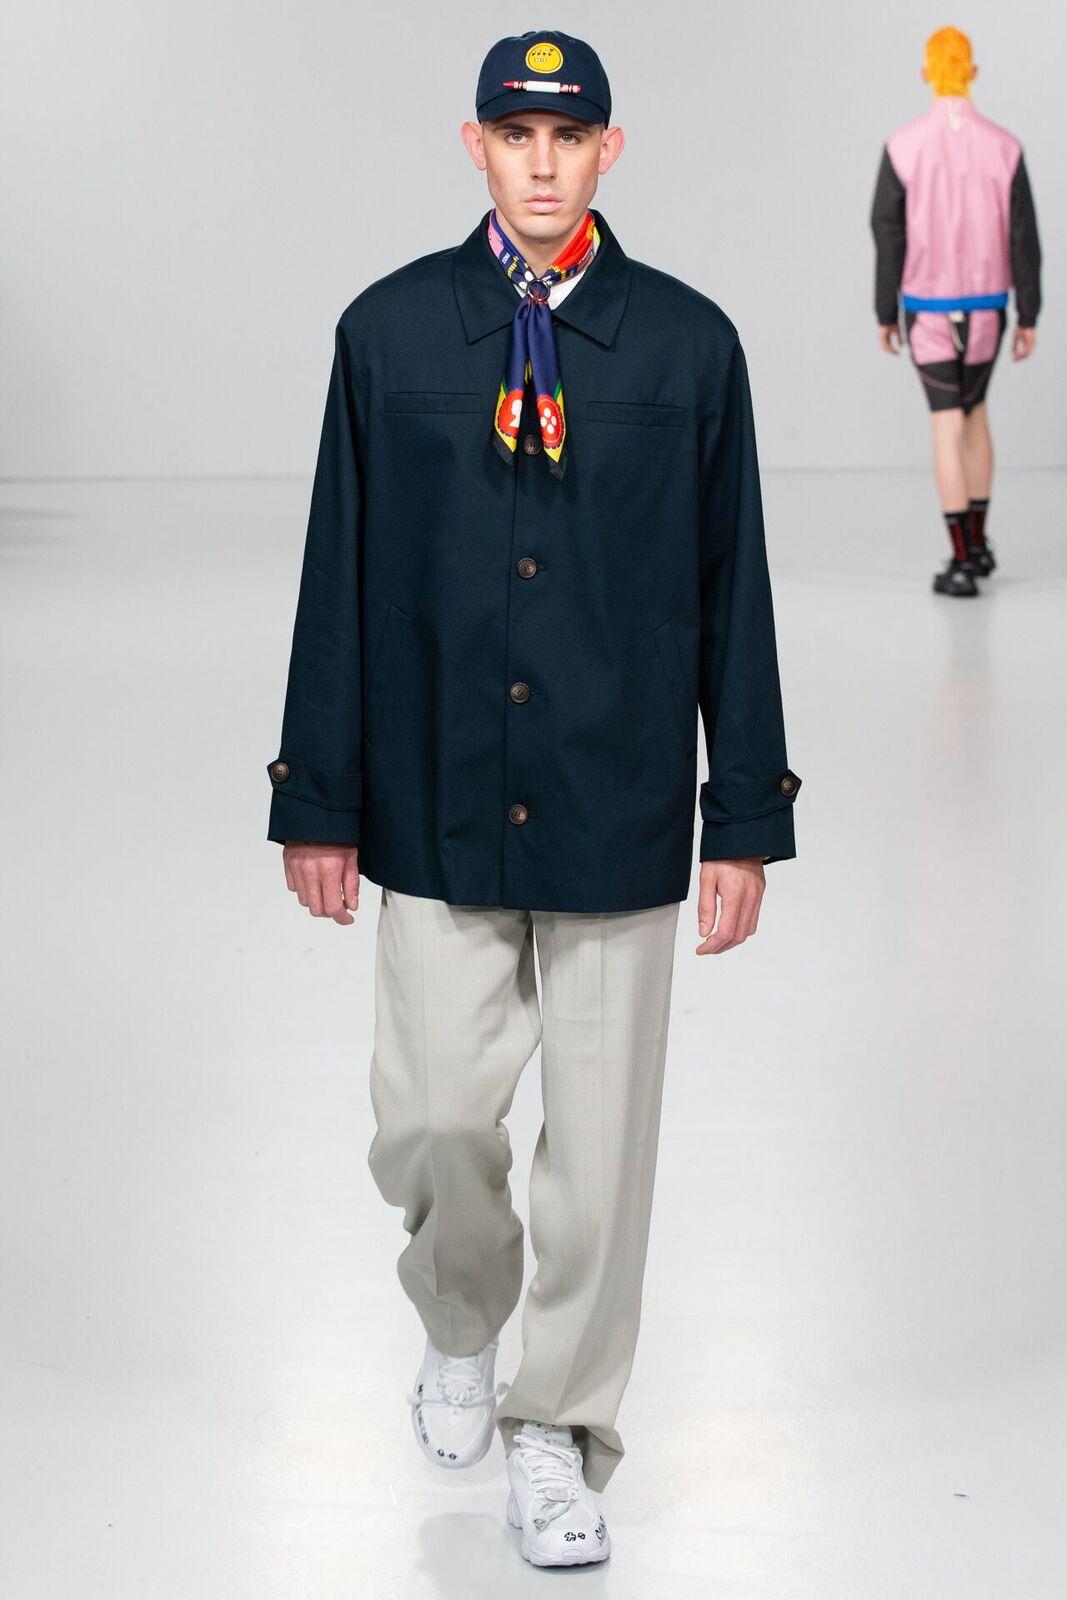 Saint ego aw20 during london fashion week (1)